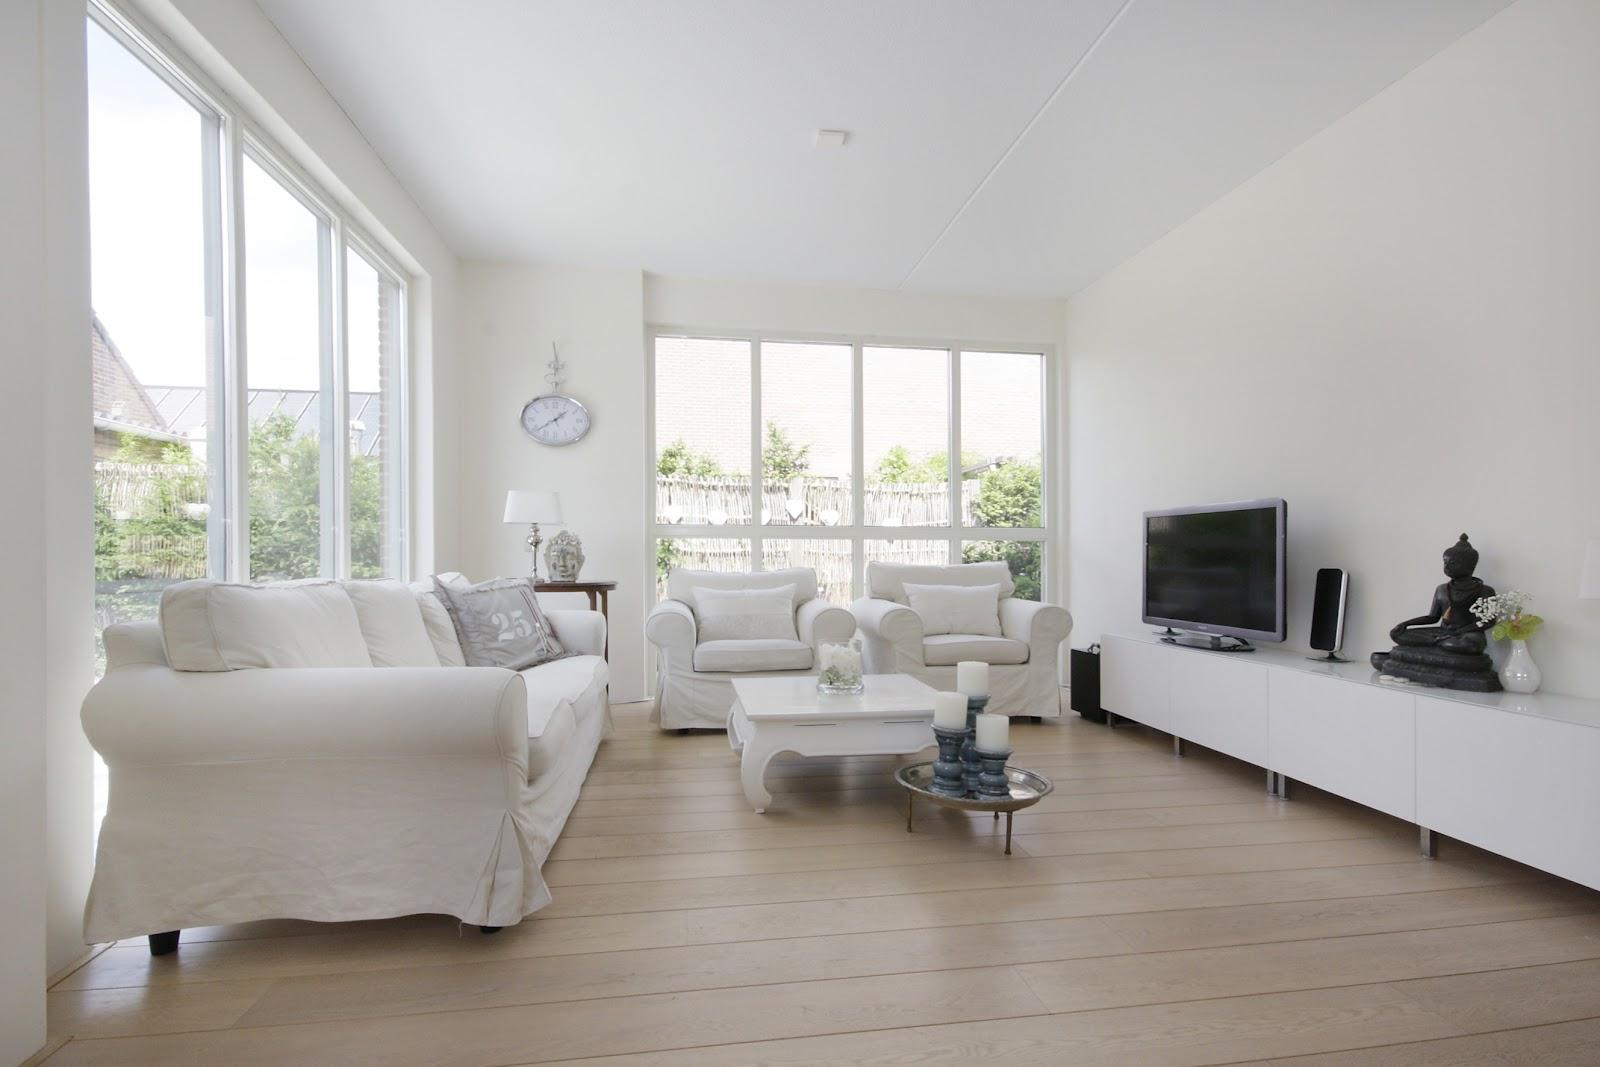 Strand Inrichting Slaapkamer : Strand inrichting slaapkamer referenties op huis ontwerp